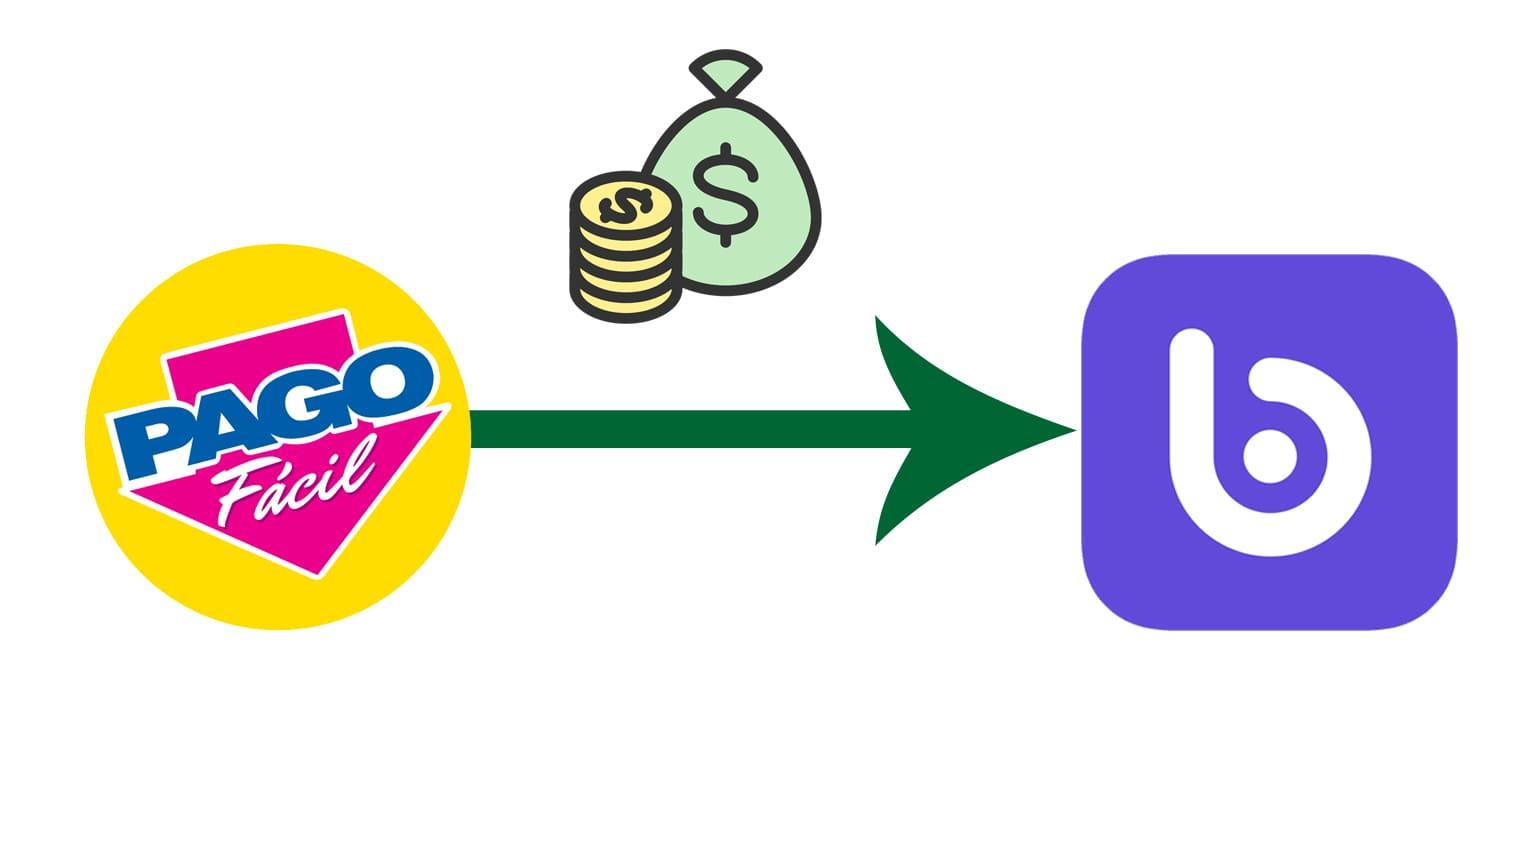 Como depositar dinero en Brubank con Pago Fácil en 3 pasos (con imágenes)